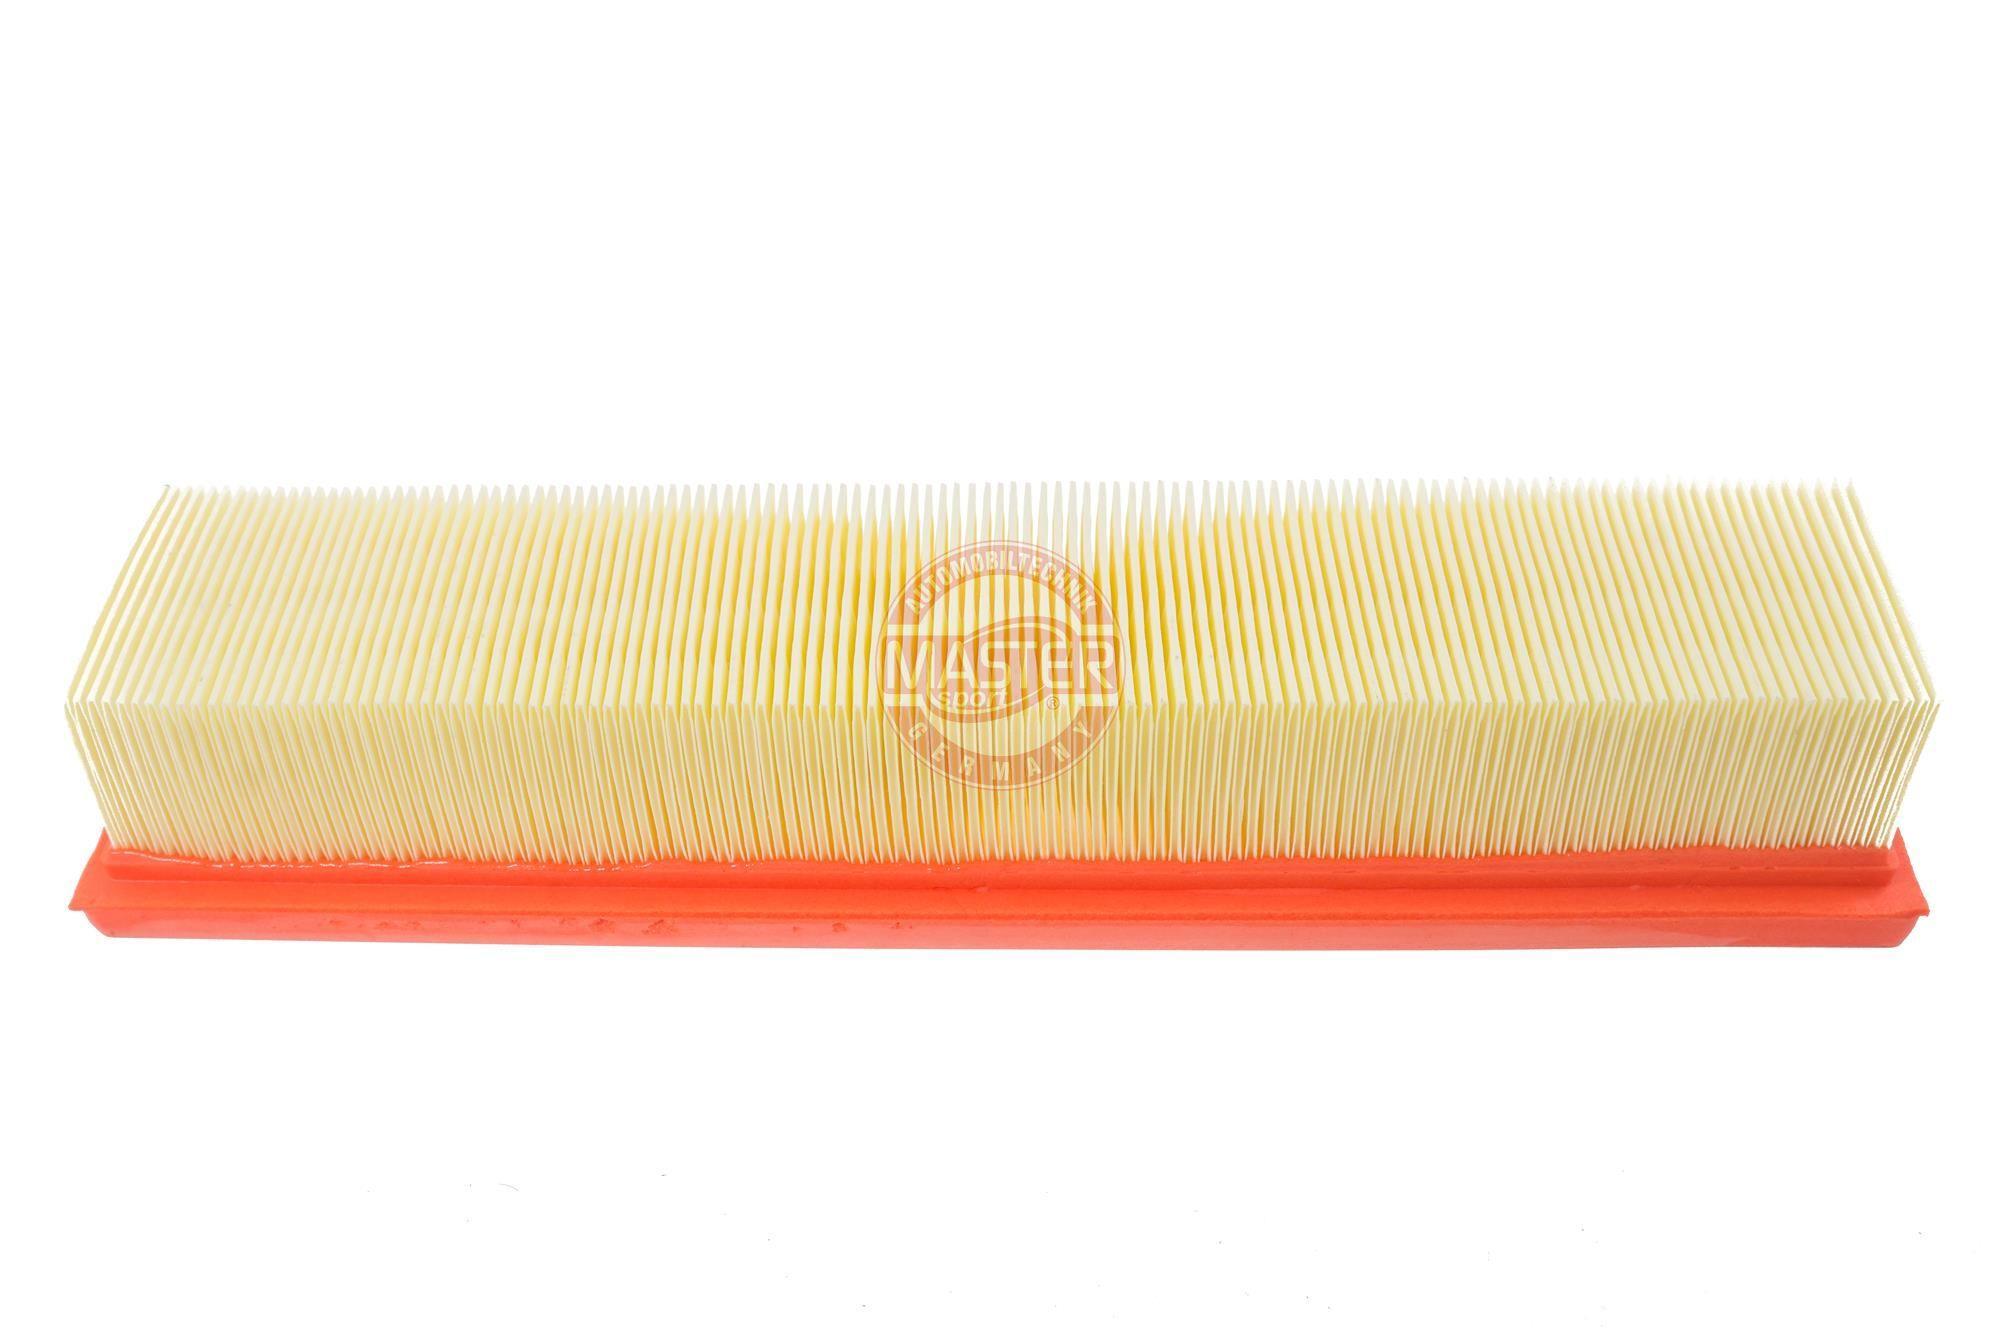 Achetez Filtre à air MASTER-SPORT 3366-LF-PCS-MS (Longueur: 355mm, Longueur: 355mm, Largeur: 81mm, Hauteur: 59mm) à un rapport qualité-prix exceptionnel